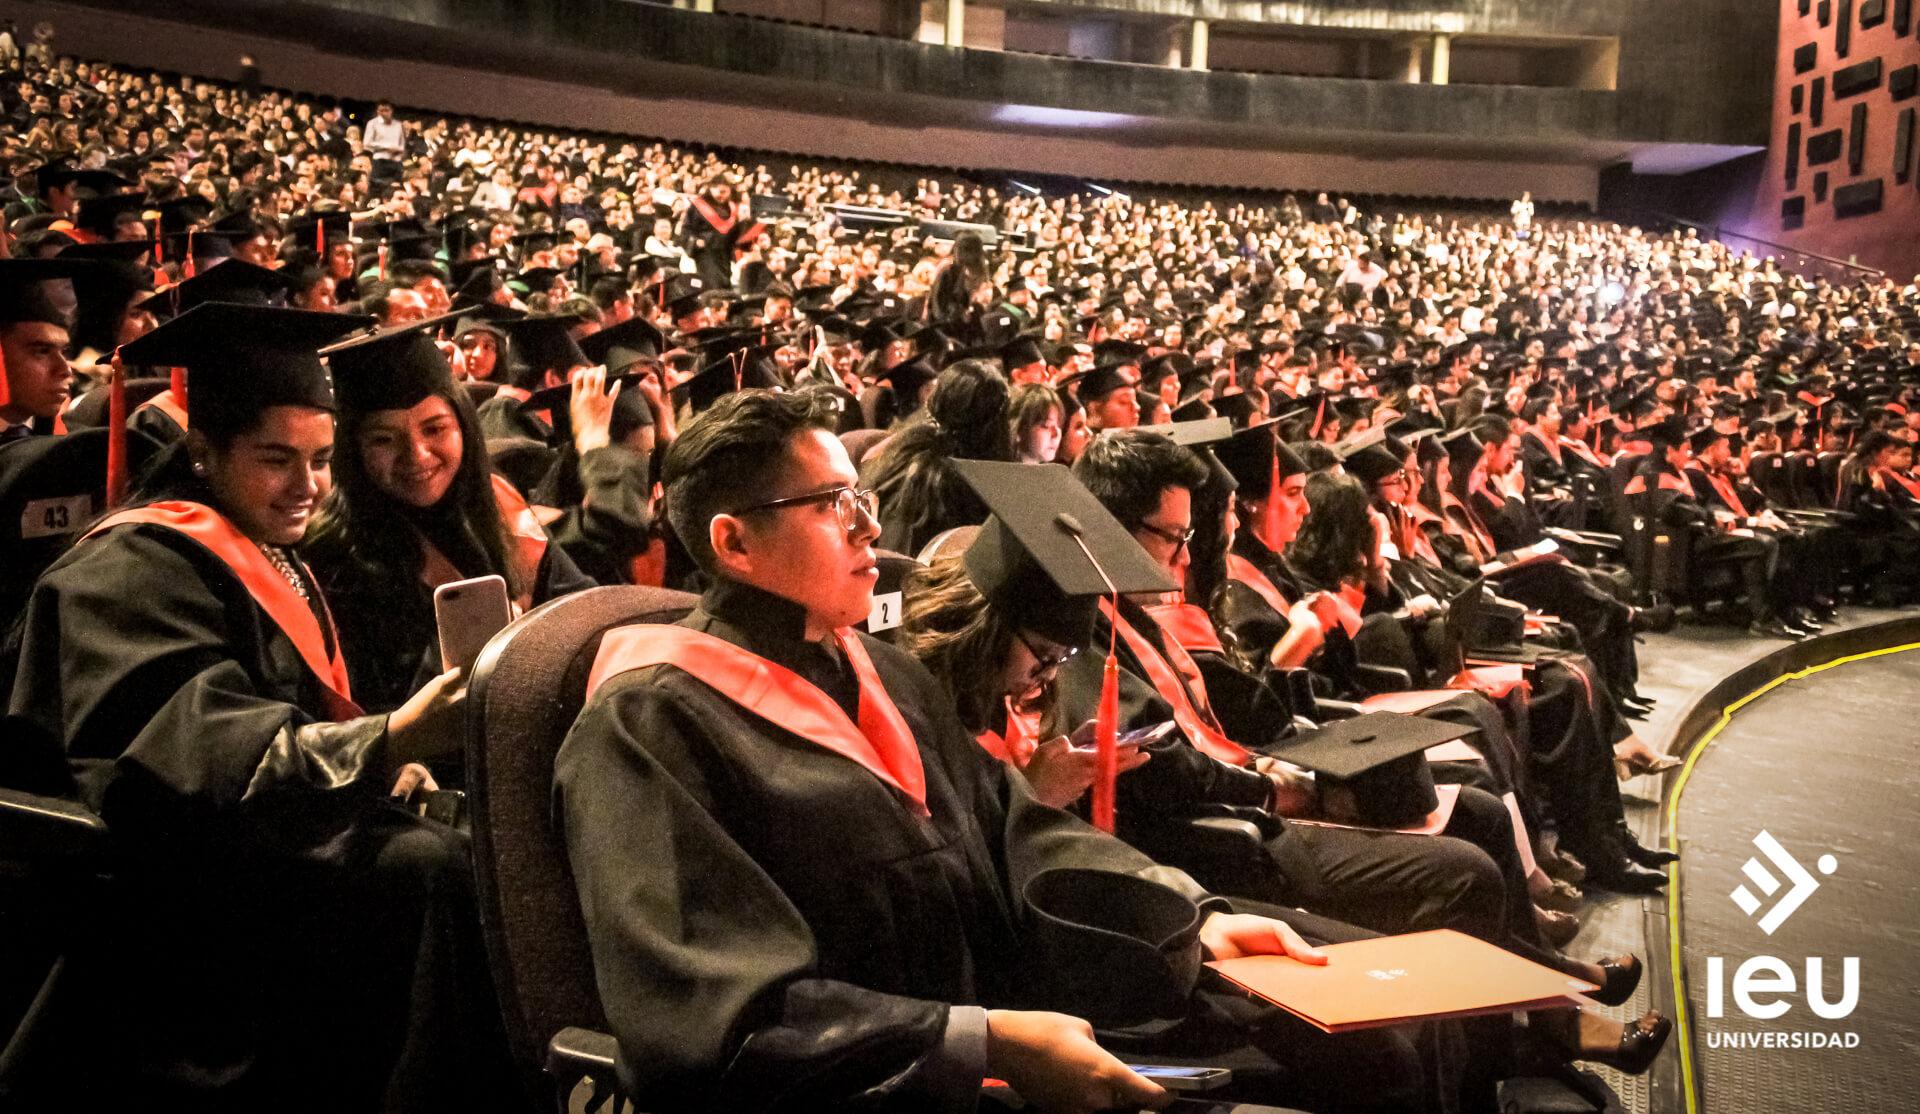 Universidad Ieu Graduacion 2019 7